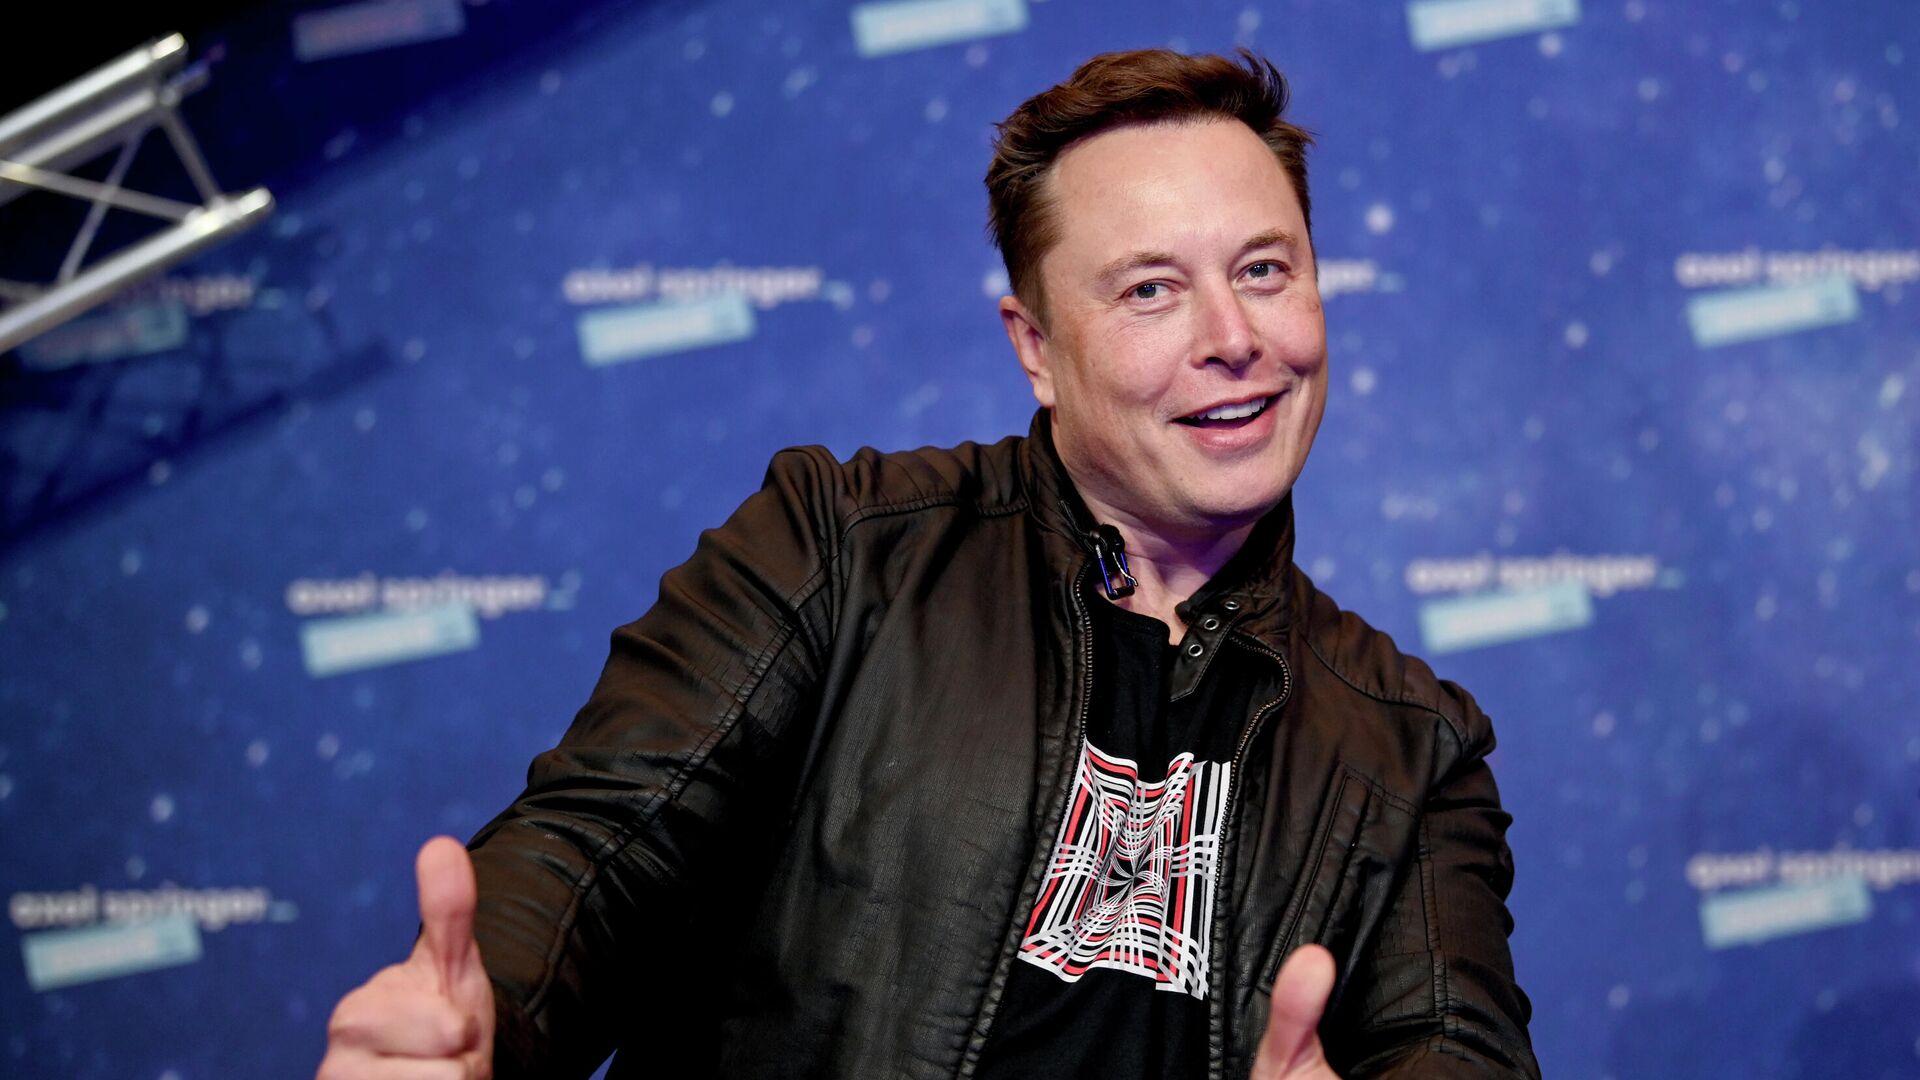 Владелец SpaceX и генеральный директор Tesla Илон Маск - РИА Новости, 1920, 05.04.2021